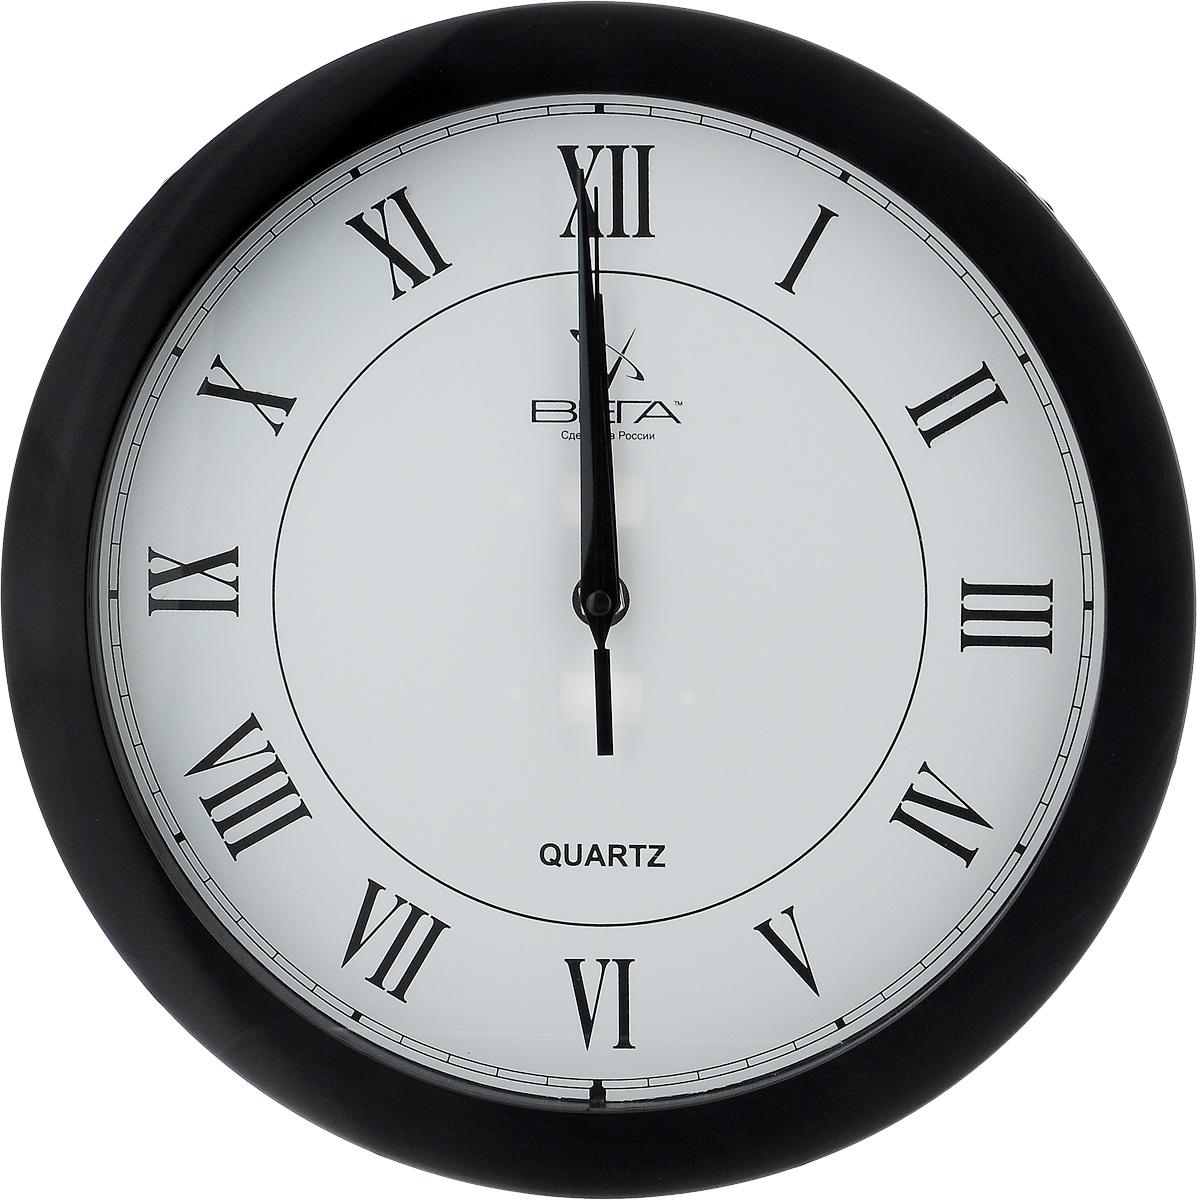 Часы настенные Вега Римская классика, цвет: черный, белый, диаметр 28,5 смП1-6/6-47Настенные кварцевые часы Вега Римская классика, изготовленные из пластика, прекрасно впишутся в интерьервашего дома. Круглые часы имеют три стрелки: часовую,минутную и секундную, циферблат защищен прозрачным стеклом.Часы работают от 1 батарейки типа АА напряжением 1,5 В (не входит в комплект).Диаметр часов: 28,5 см.